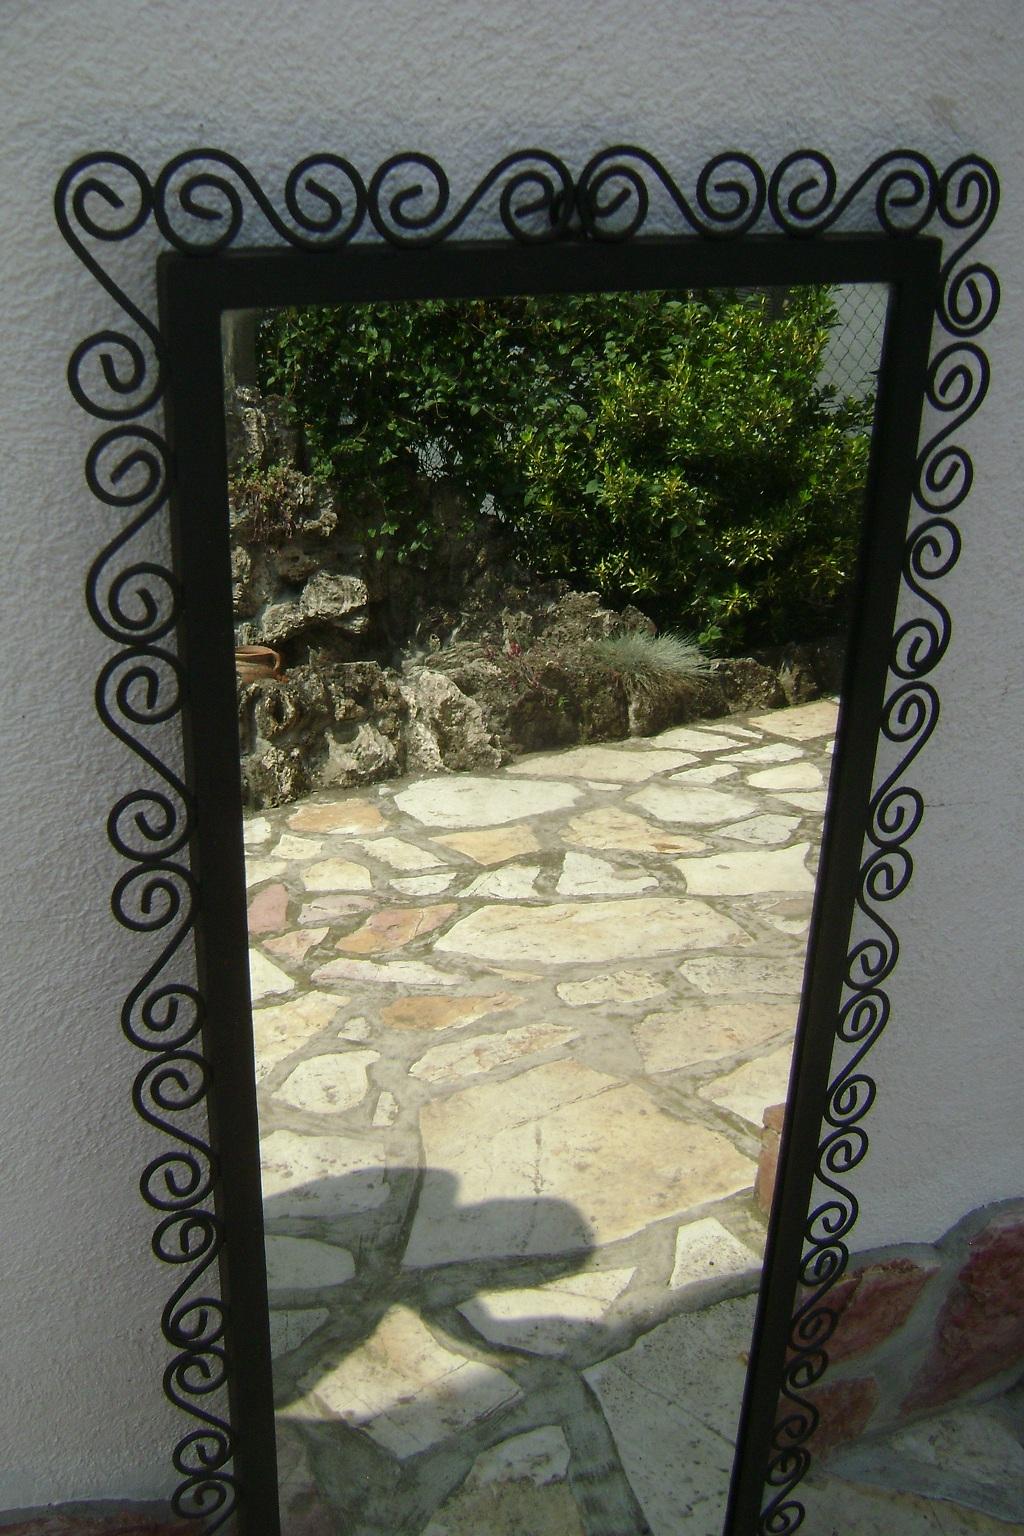 Ogledalo_16__4.JPG